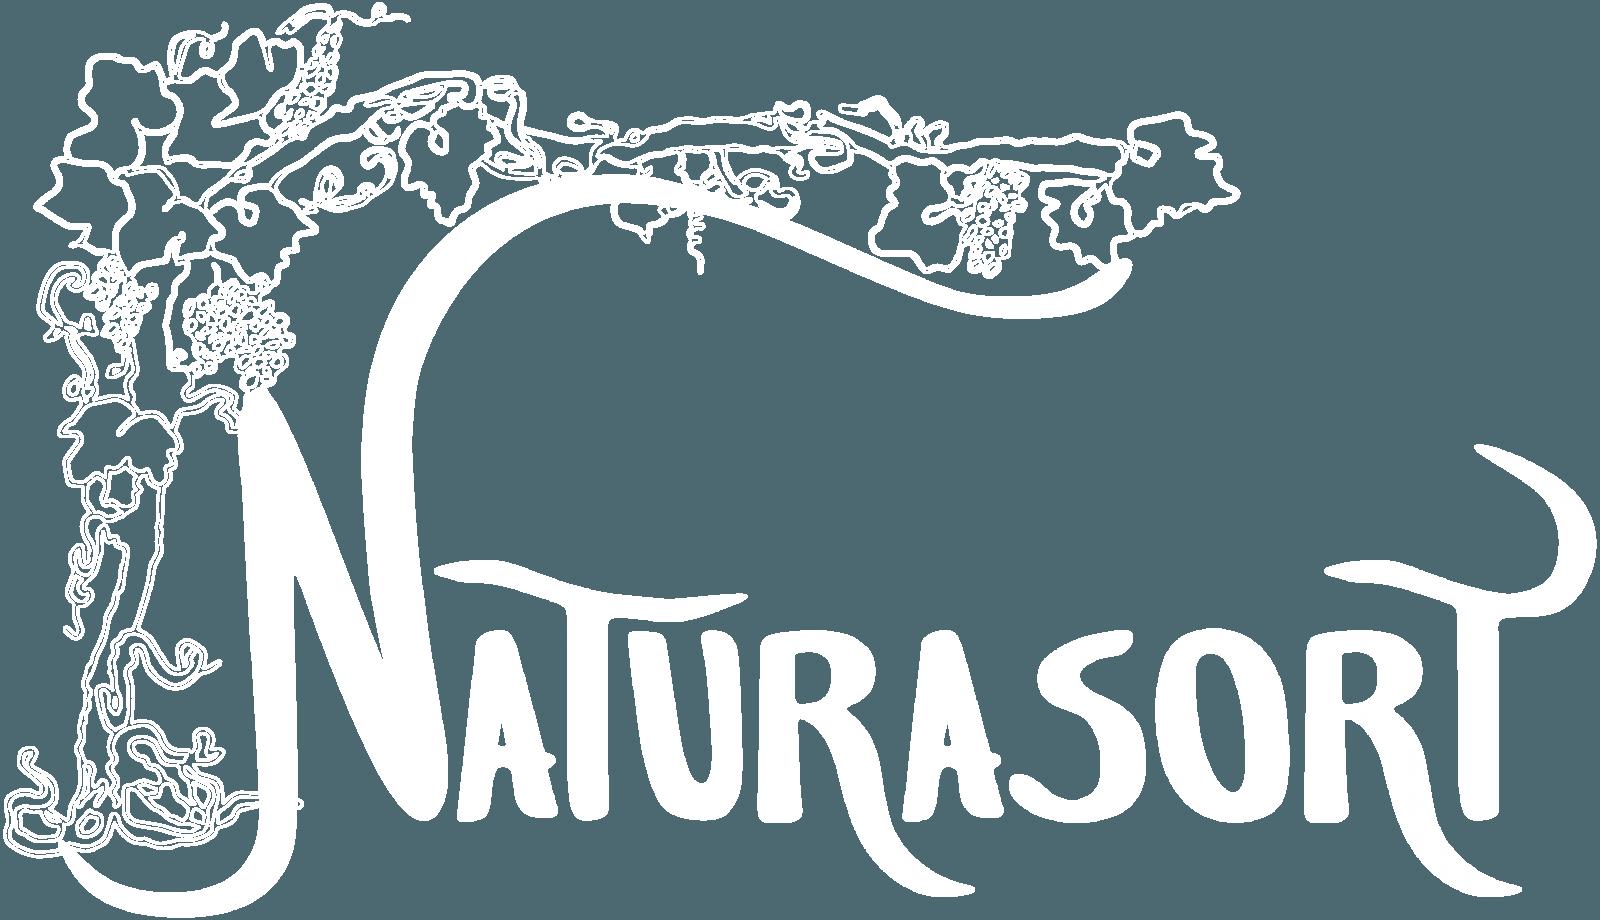 Naturasort